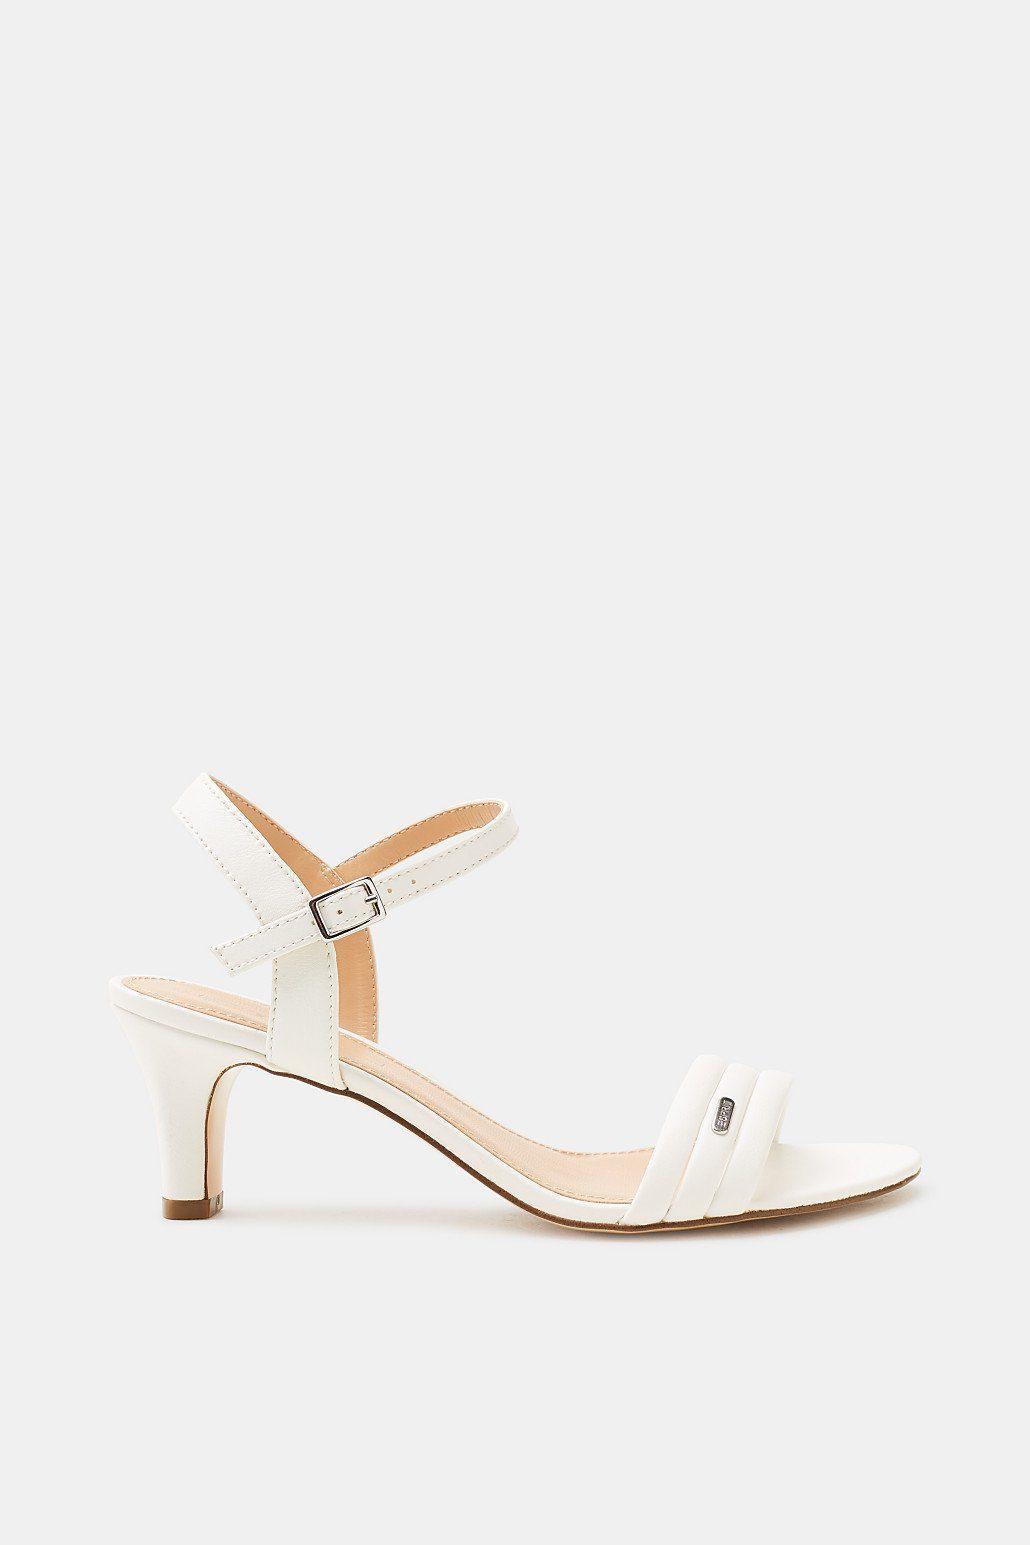 ESPRIT Sandalette mit Trichterabsatz, in Leder-Optik online kaufen  WHITE